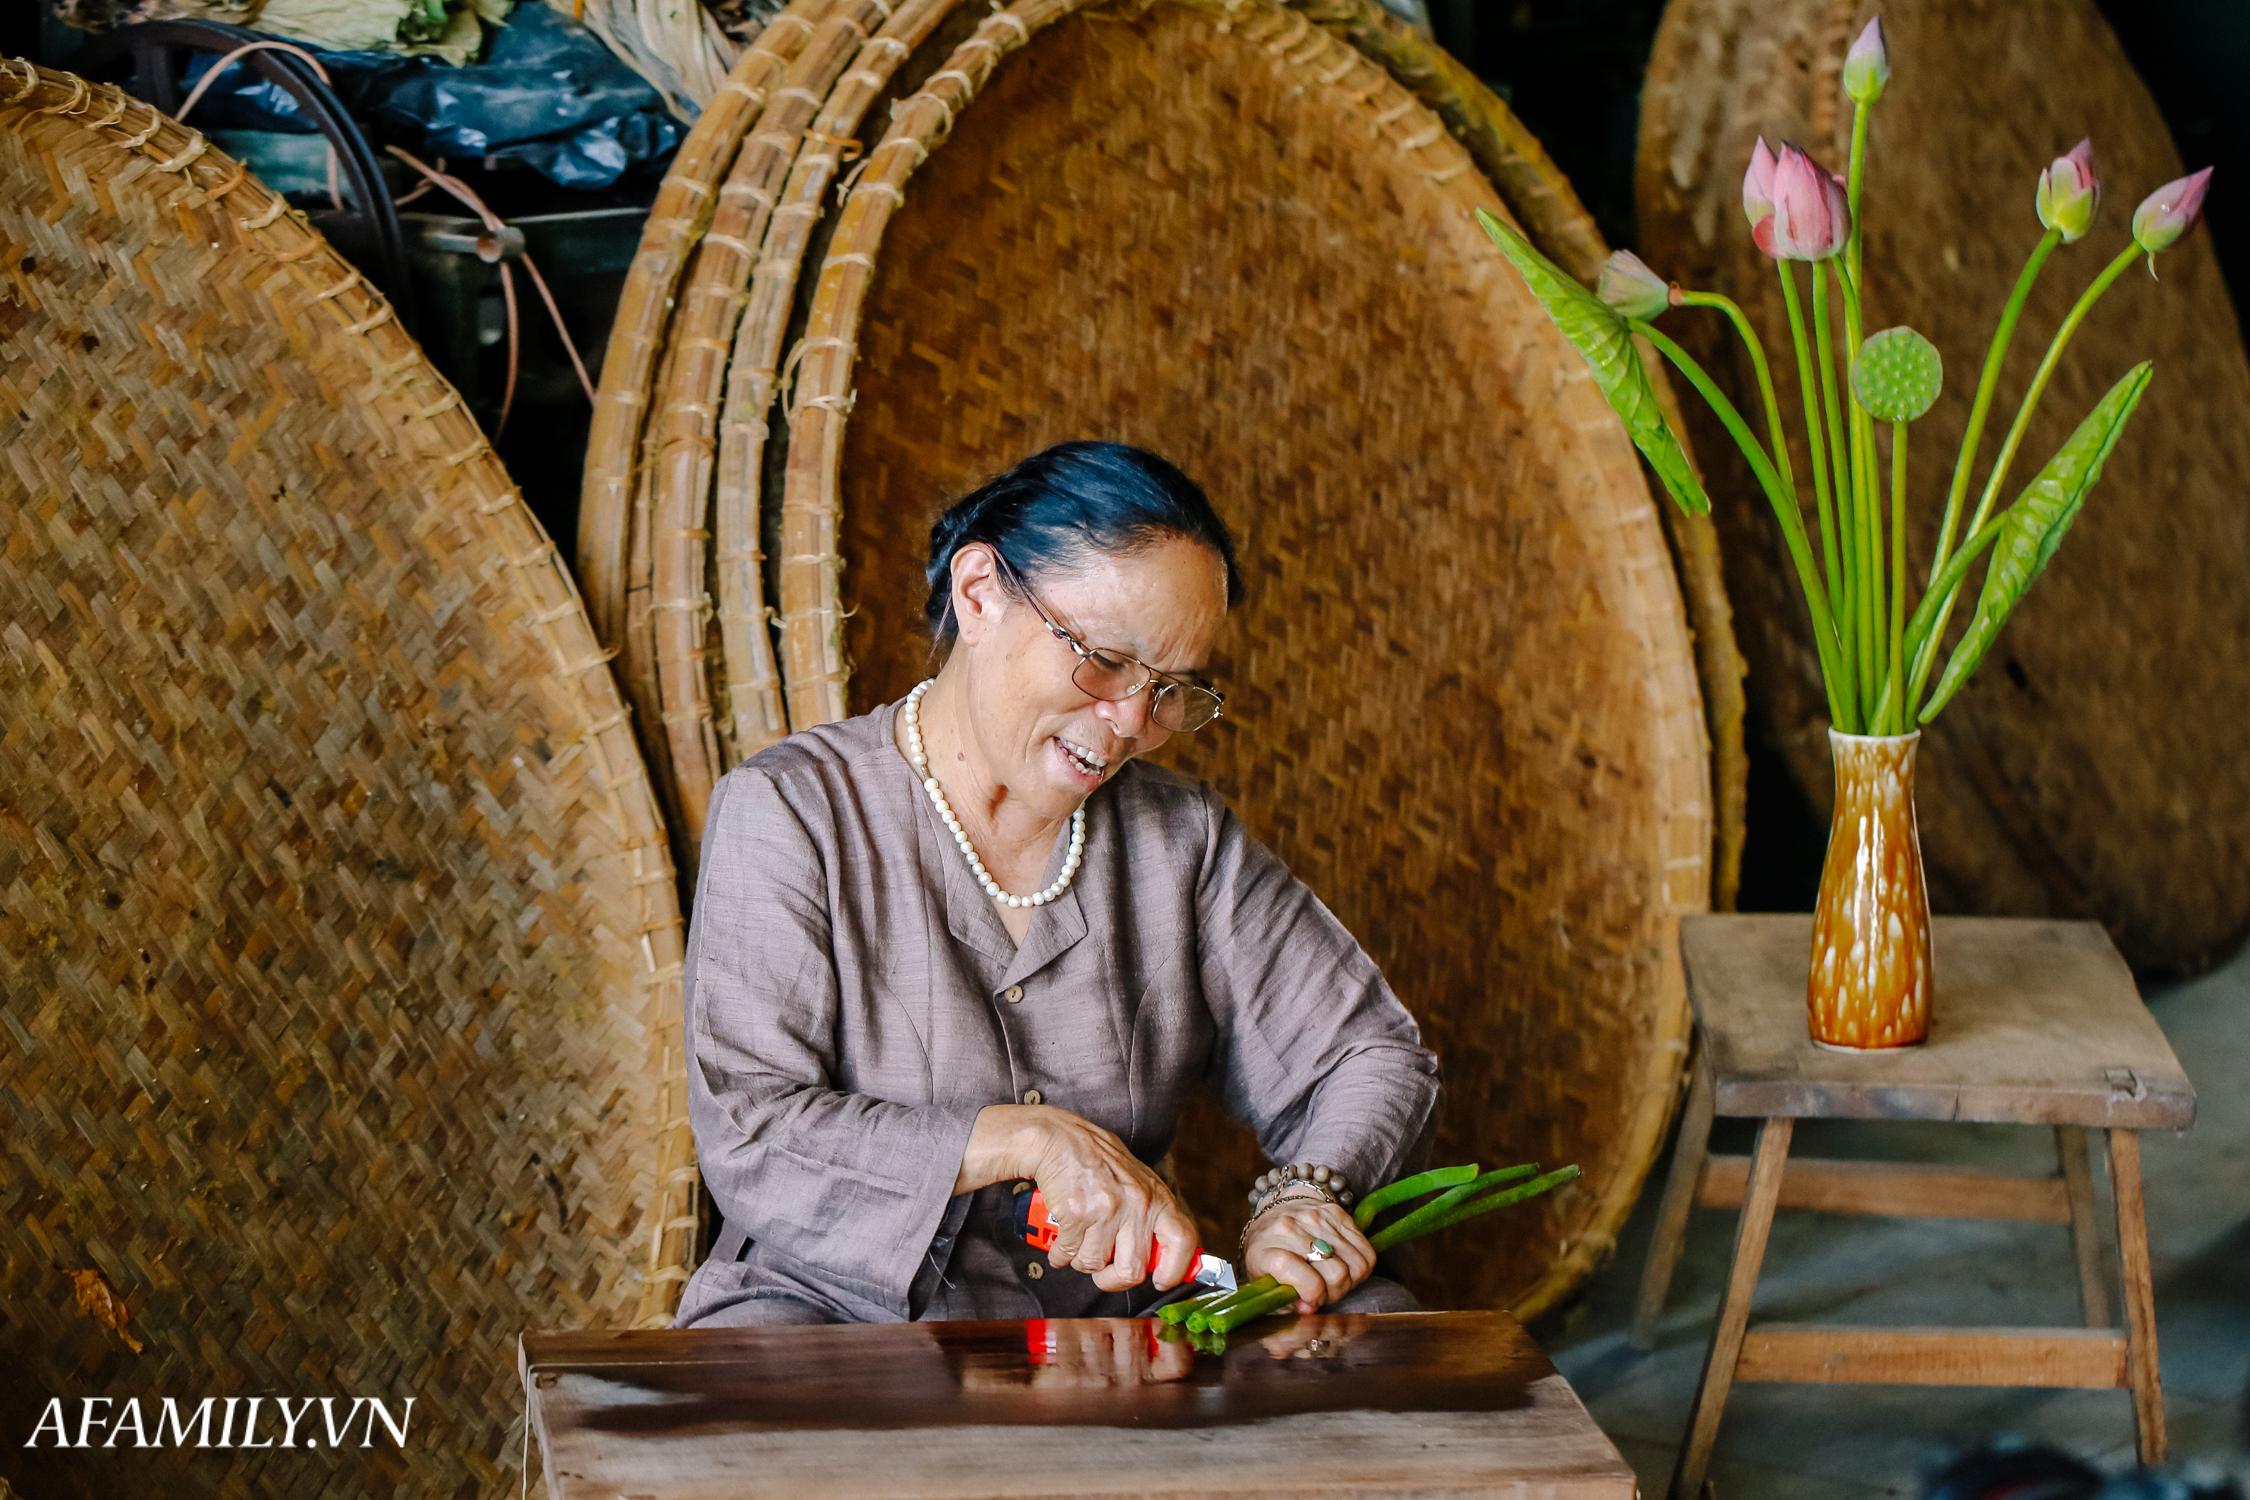 """Người phụ nữ chân quê ngoại thành Hà Nội với biệt tài """"bắt sen nhả tơ"""", làm nên chiếc khăn giá chẳng kém gì hàng hiệu nổi tiếng - Ảnh 4."""